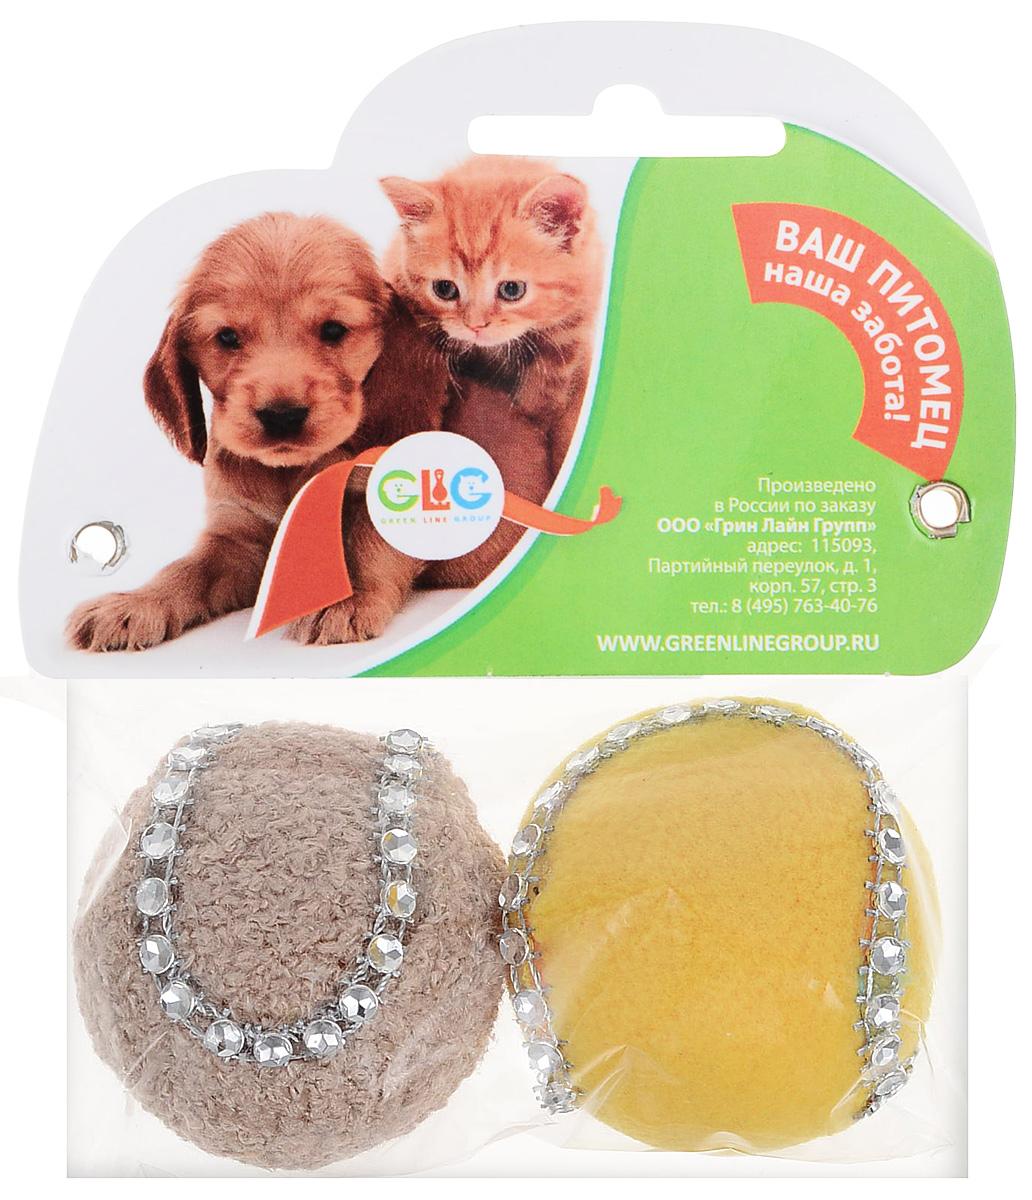 Игрушка для кошек GLG Мяч-погремушка, цвет: зеленый, желтый, 4 см, 2 шт delune ранец школьный с наполнением 1 предмет 7 120